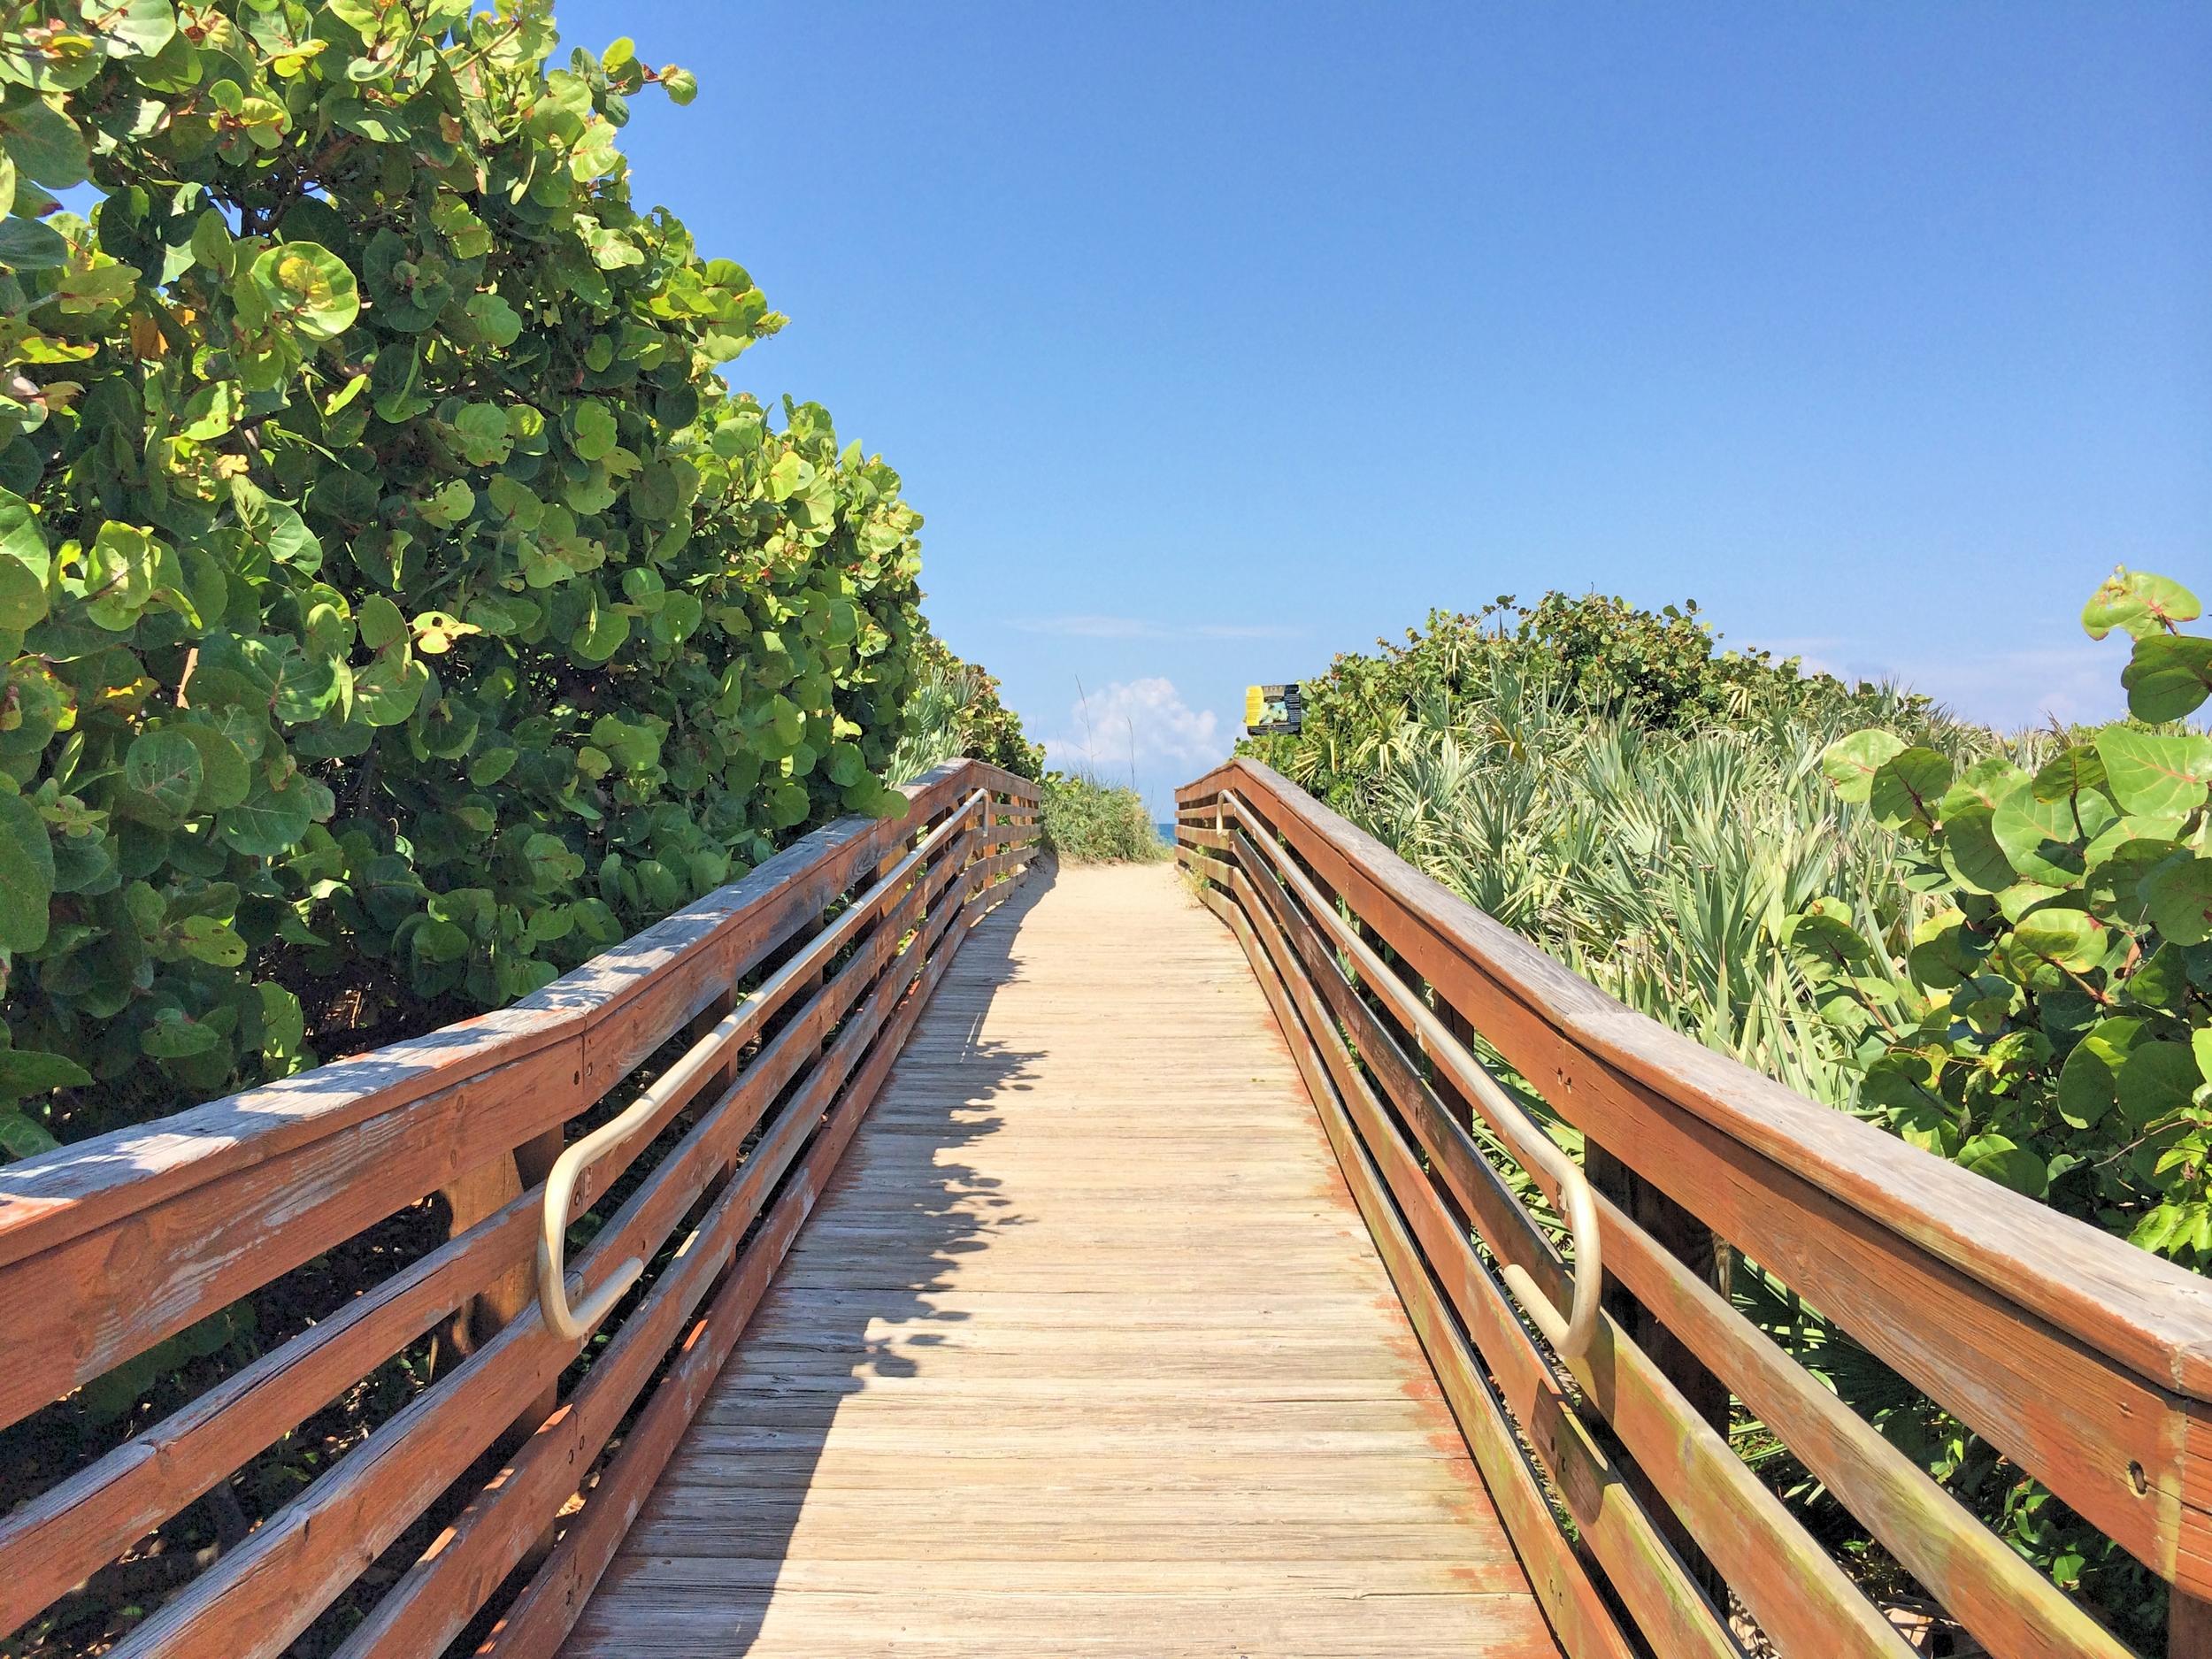 Boardwalk Entry